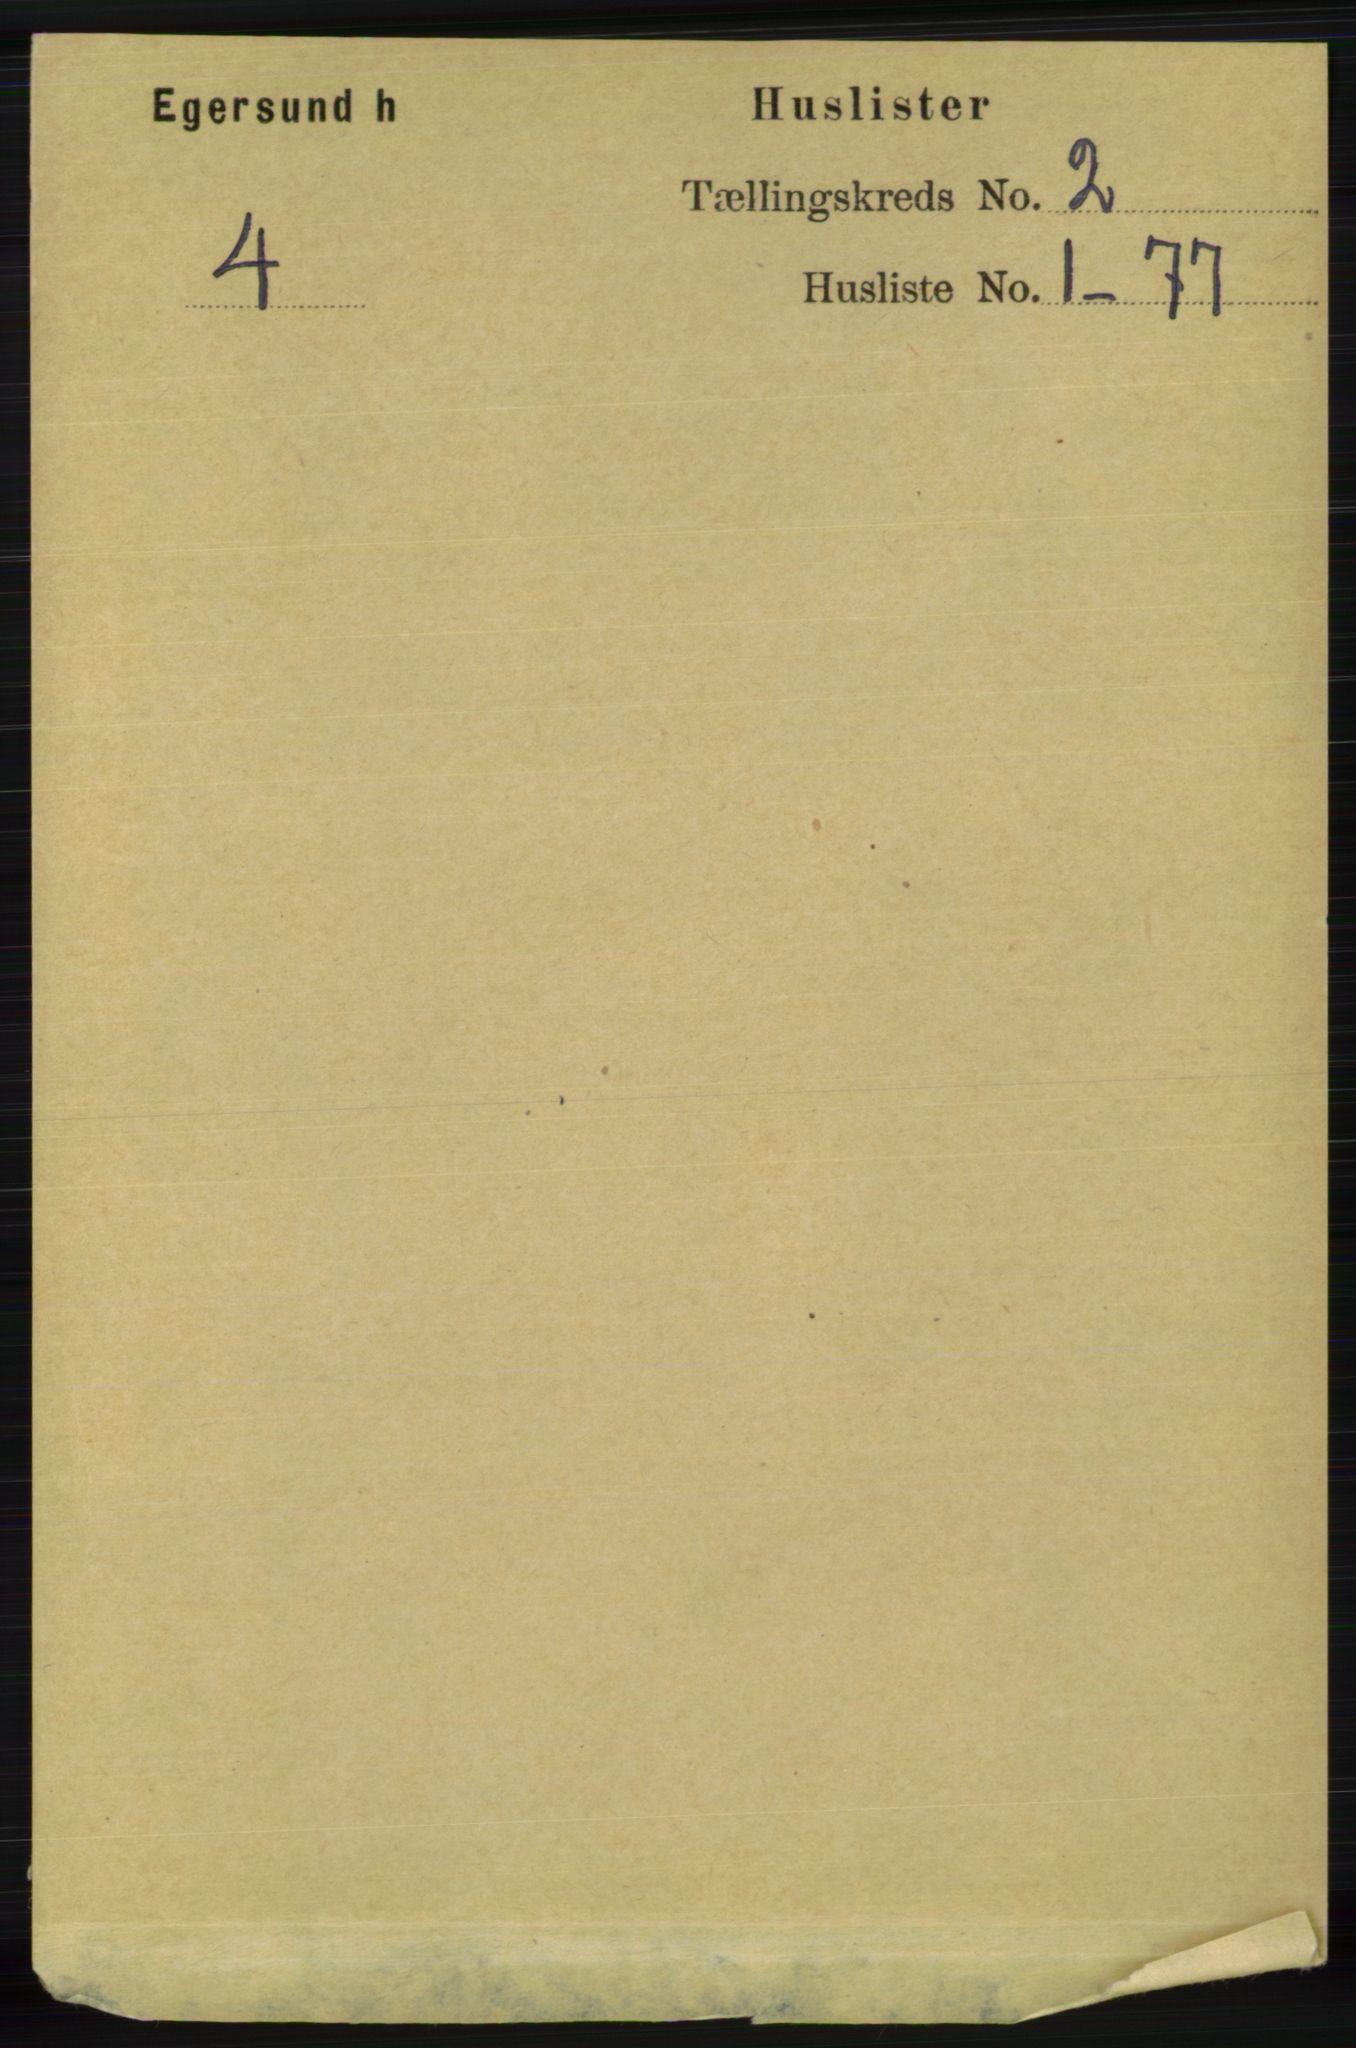 RA, Folketelling 1891 for 1116 Eigersund herred, 1891, s. 371